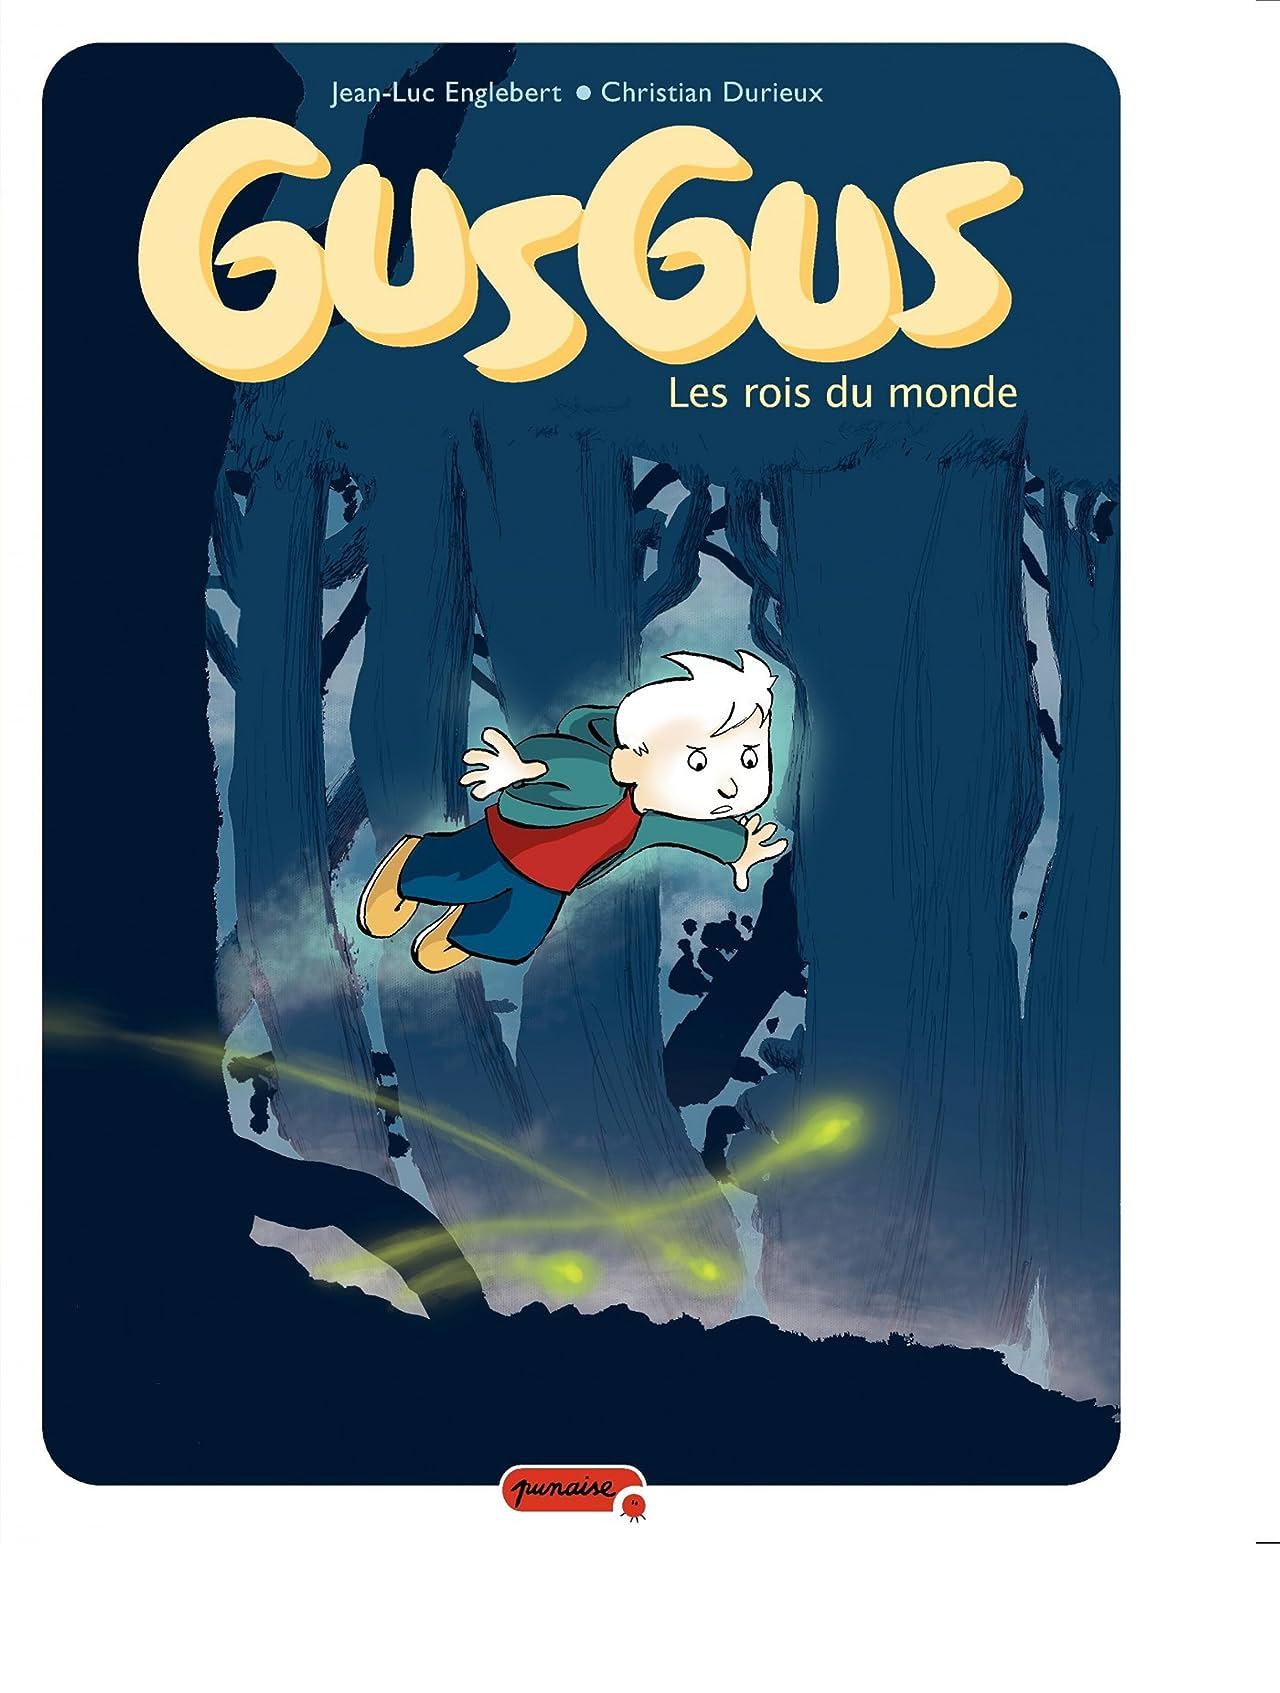 Gusgus Vol. 1: Les rois du monde